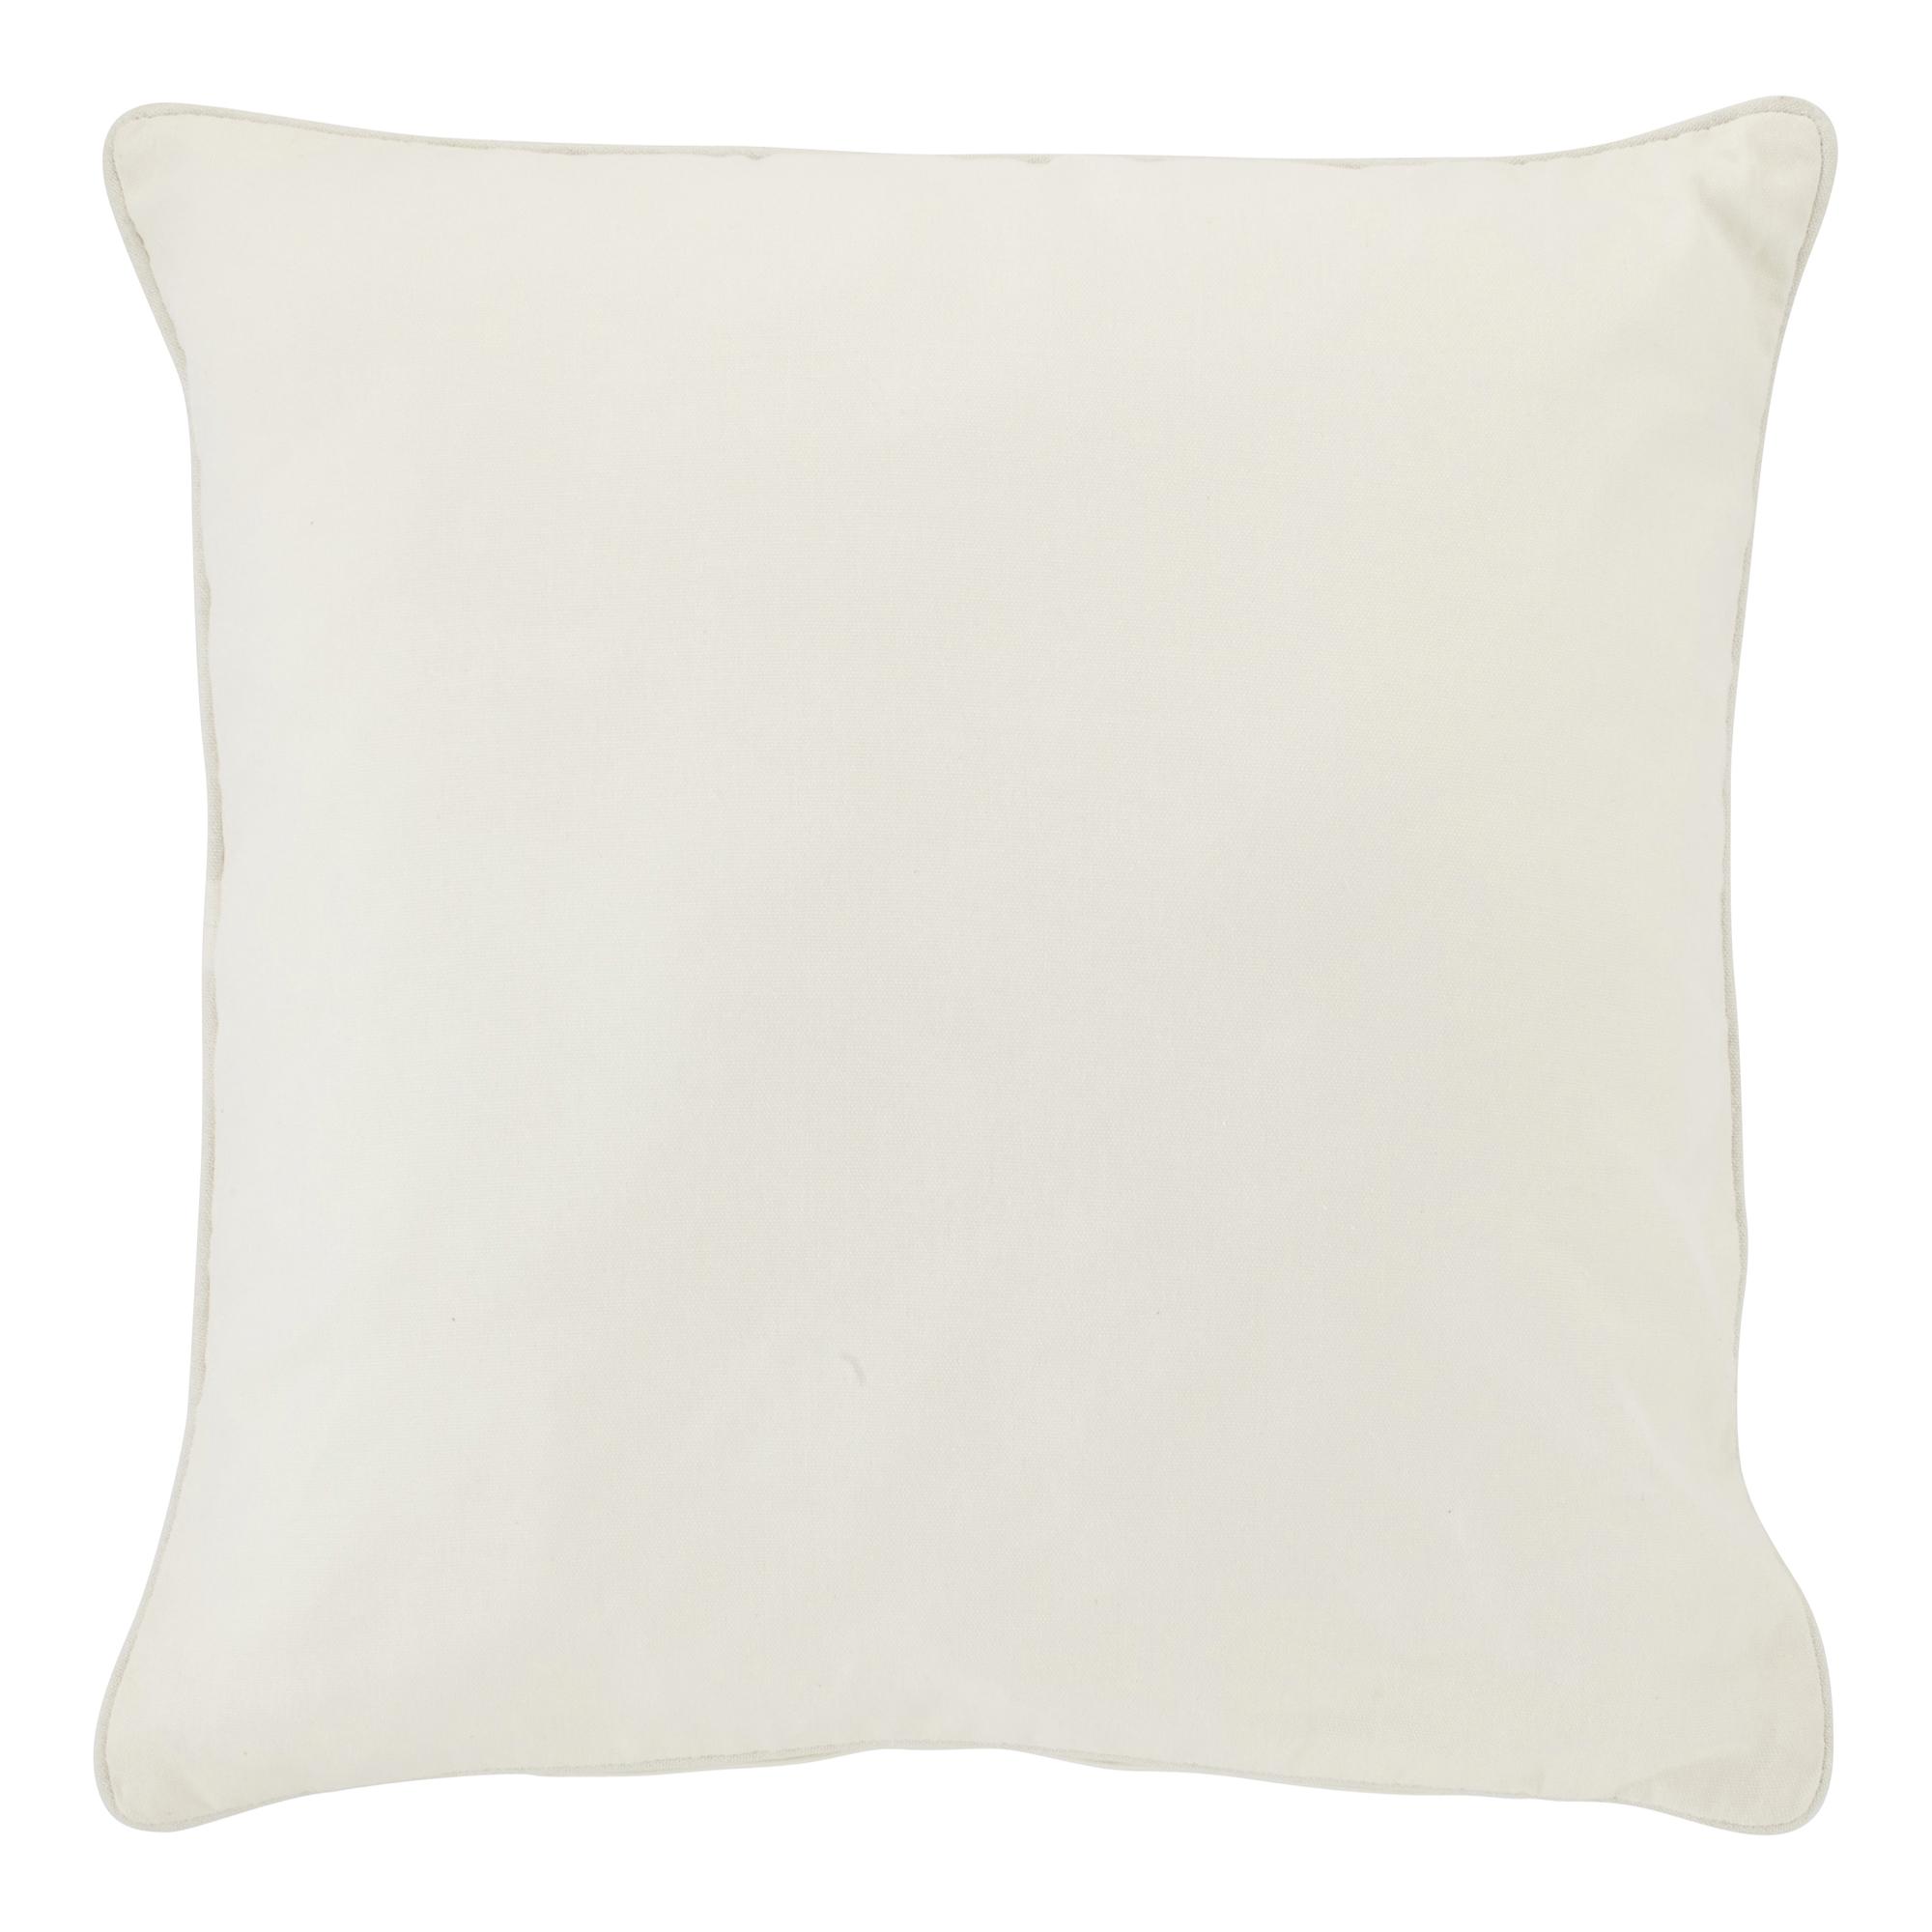 JAVA - Kussenhoes wit 70x70 cm